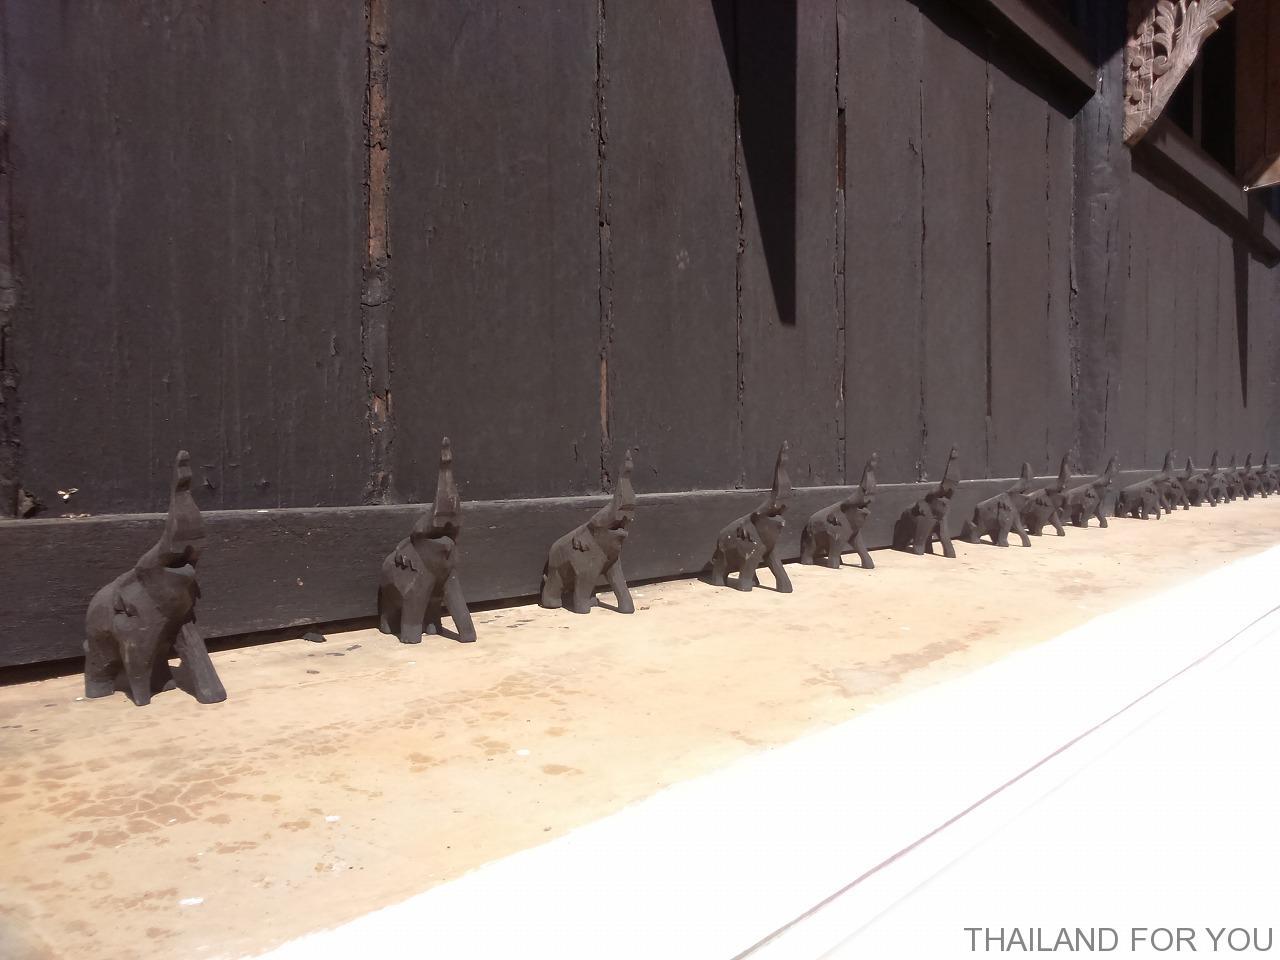 チェンライ 黒い家 ブラックハウス 写真